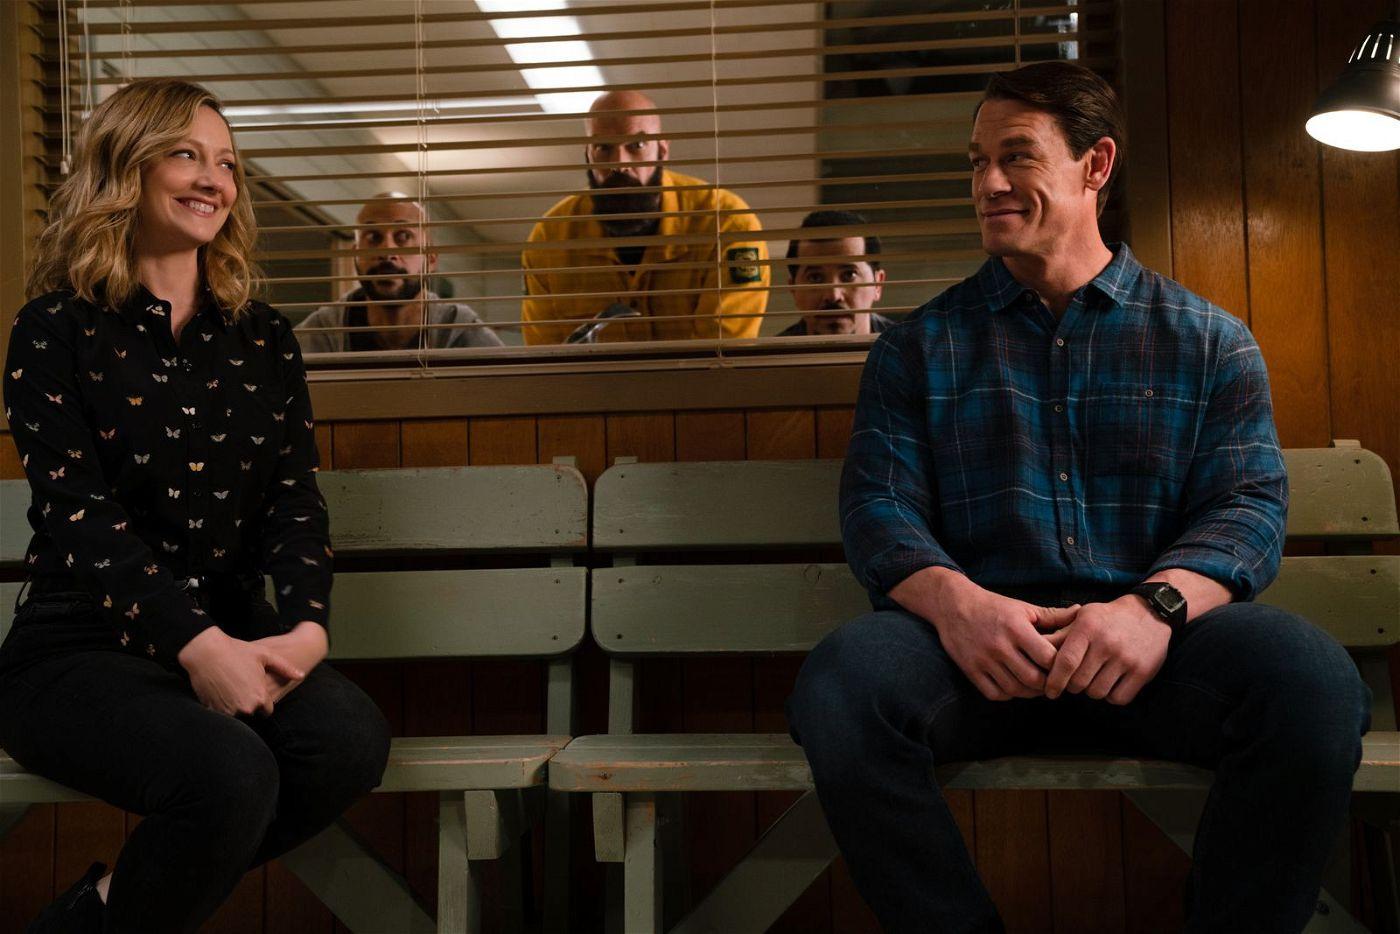 Ob das noch was wird zwischen Dr. Amy Hicks (Judy Greer) und Jake (John Cena, rechts)? Die Elite-Einheit (von links: Keegan-Michael Key, Tyler Mane, John Leguizamo) beobachtet gespannt das Geschehen.